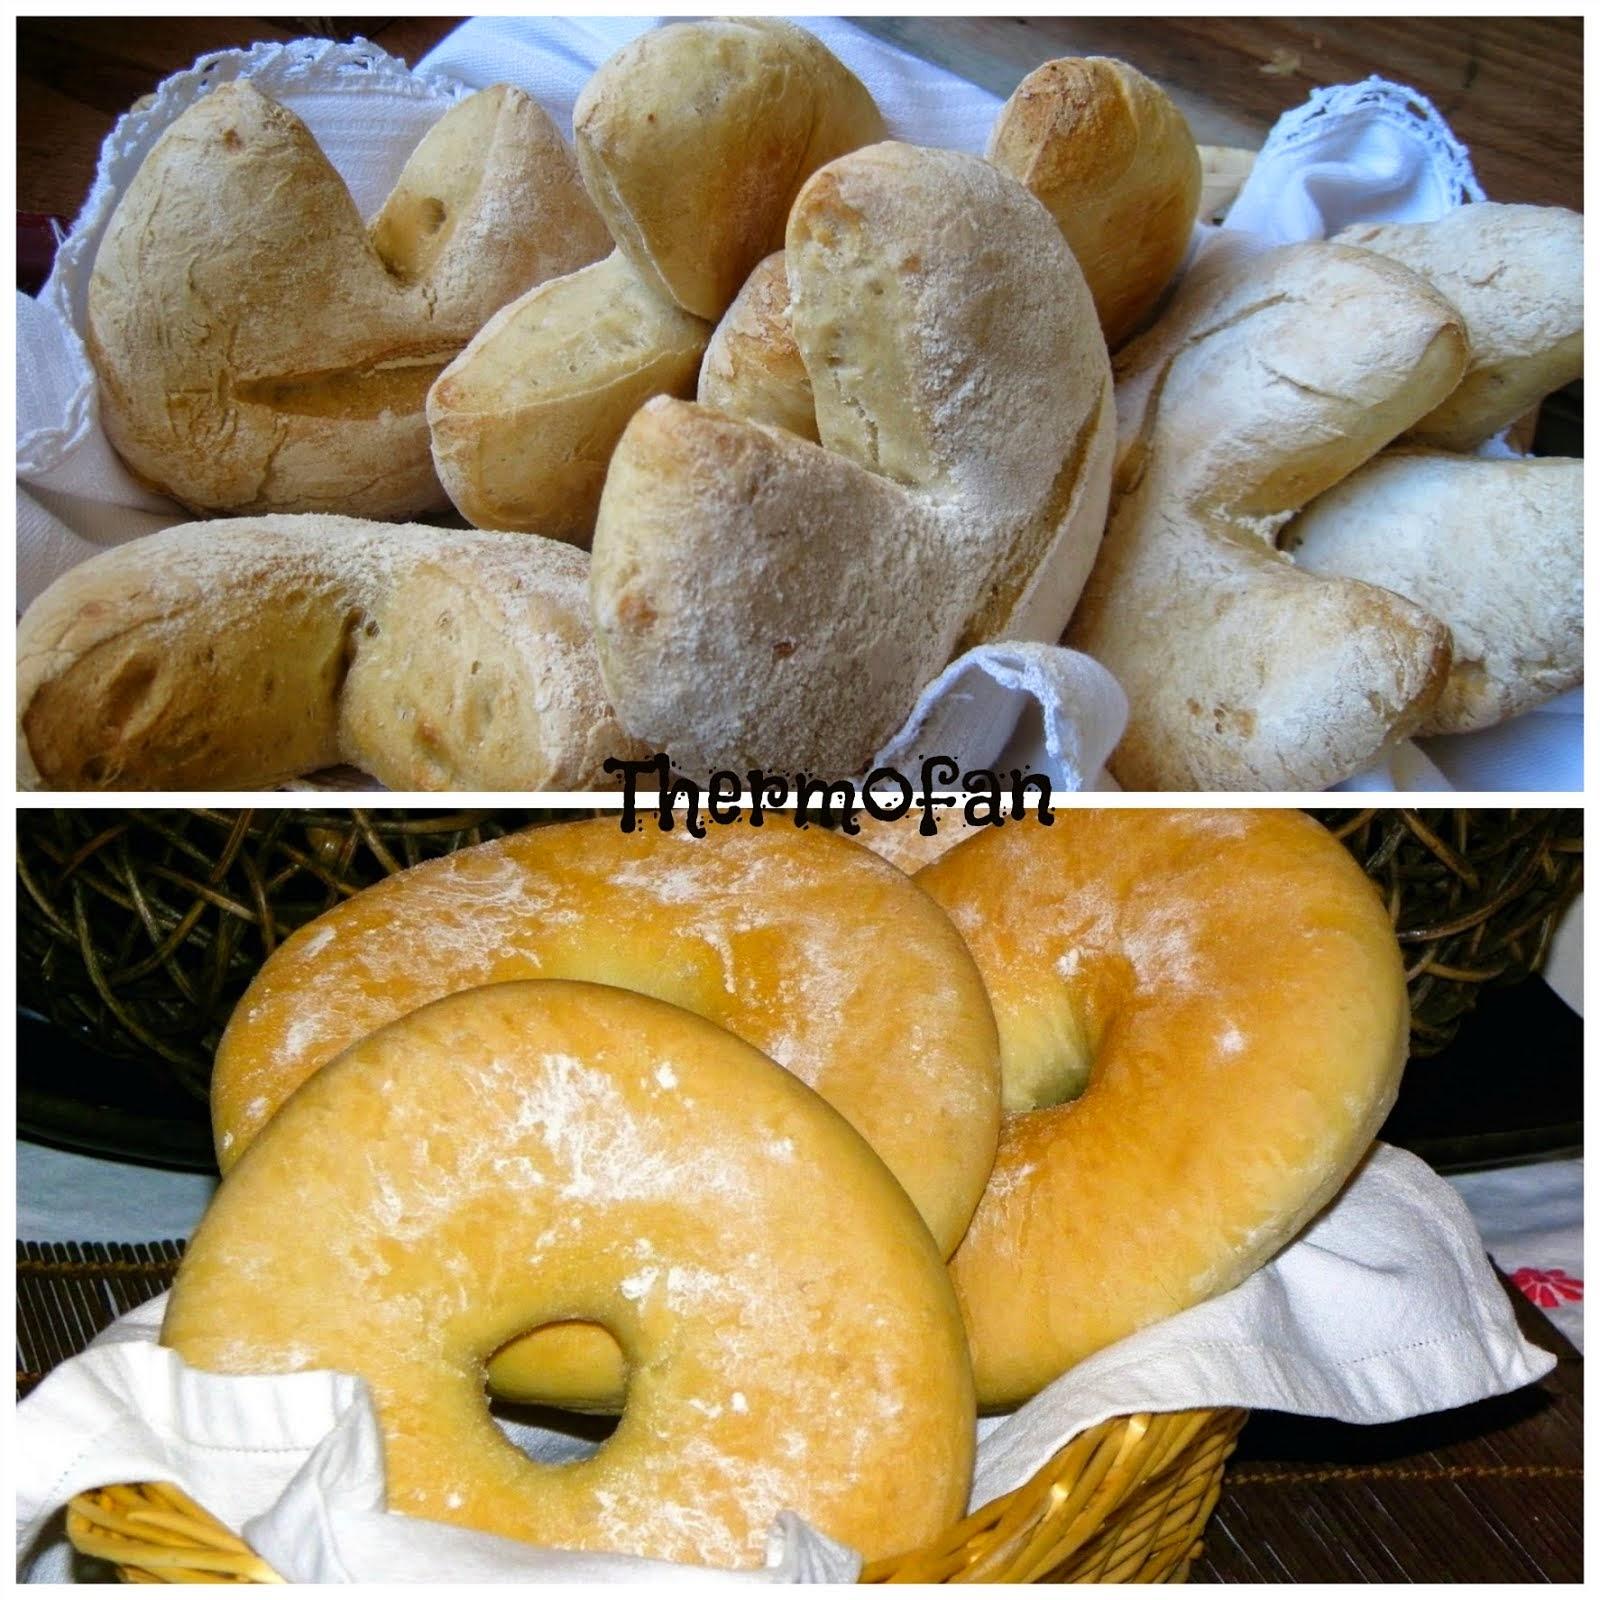 Ganadores Pans de l'Horta